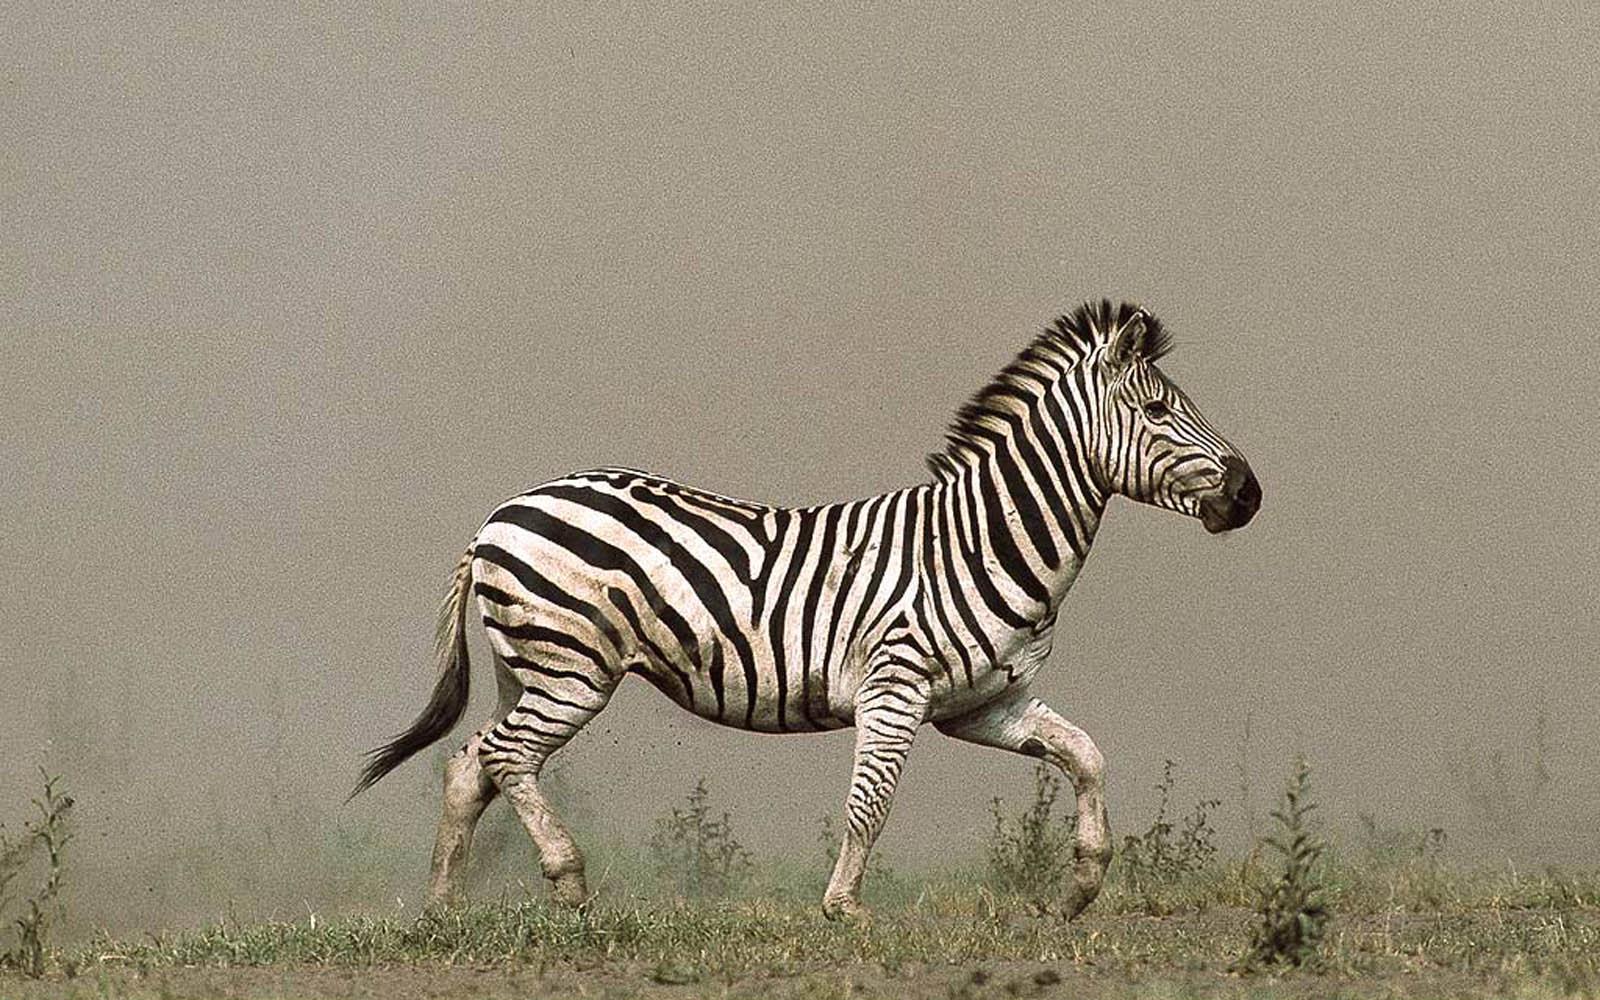 wallpapers: Zebra Wallpapers